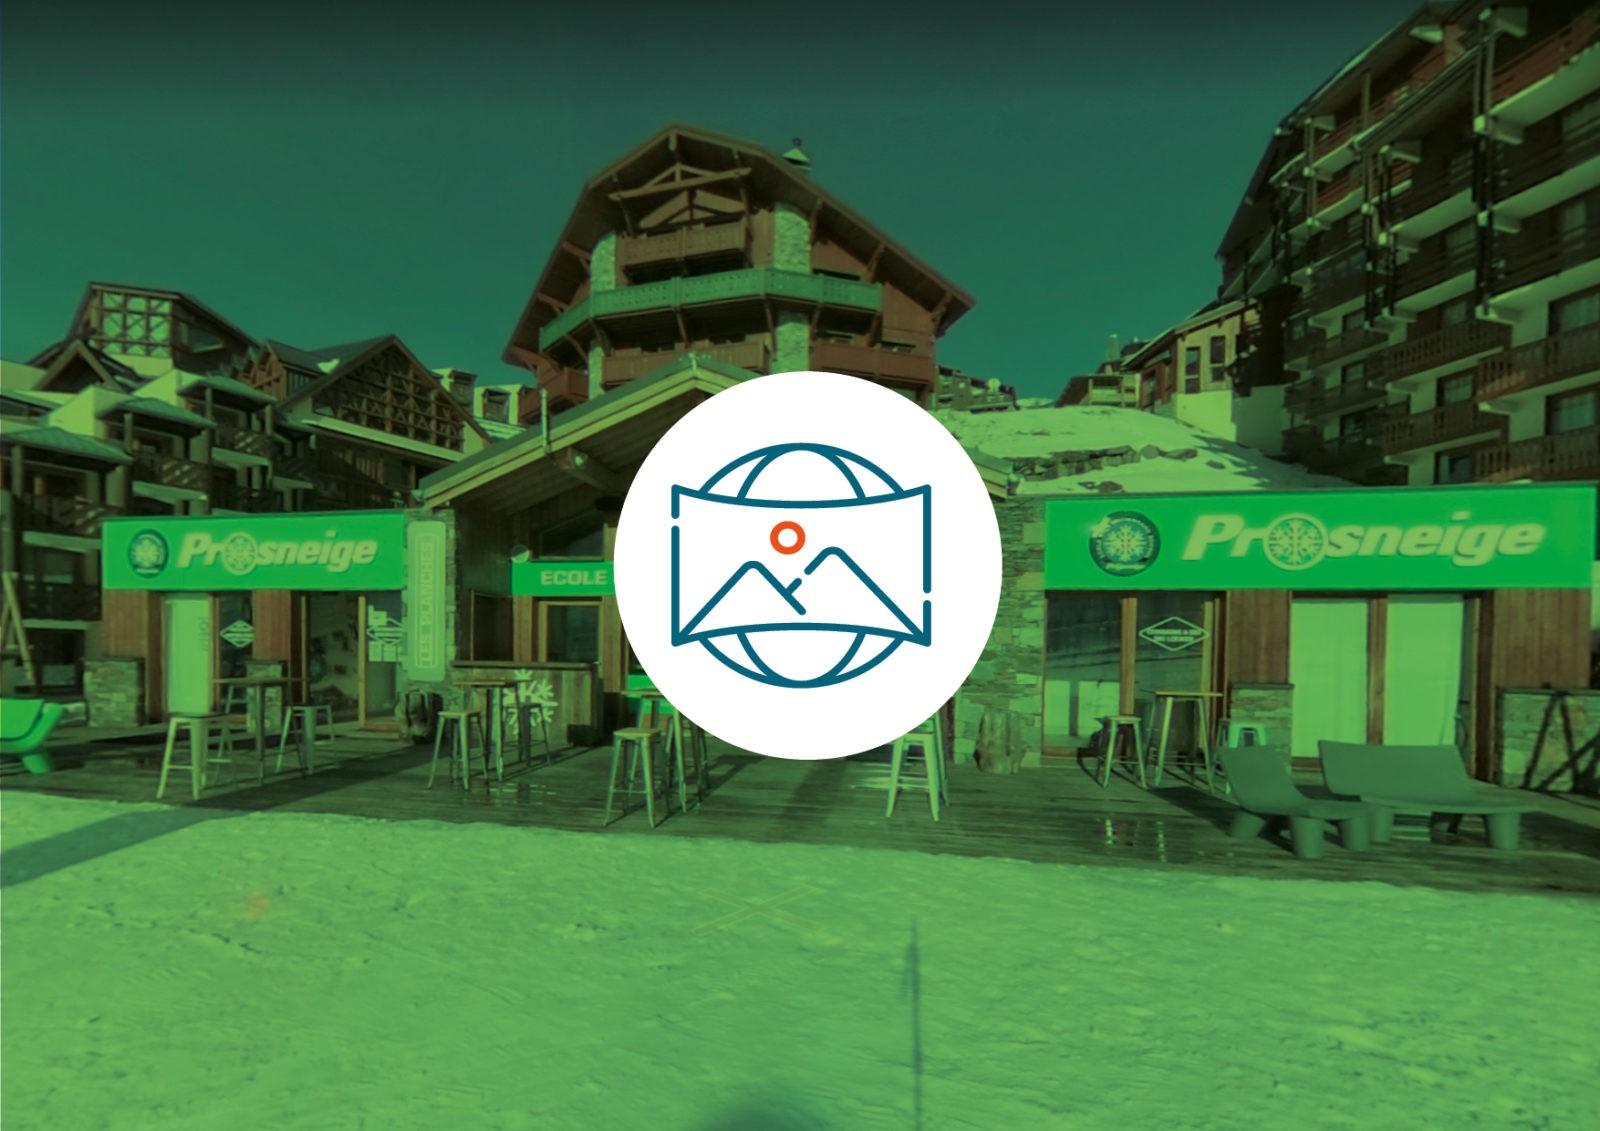 Visite virtuelle 360° | Prosneige Ecole, location et magasins de ski | Savoie